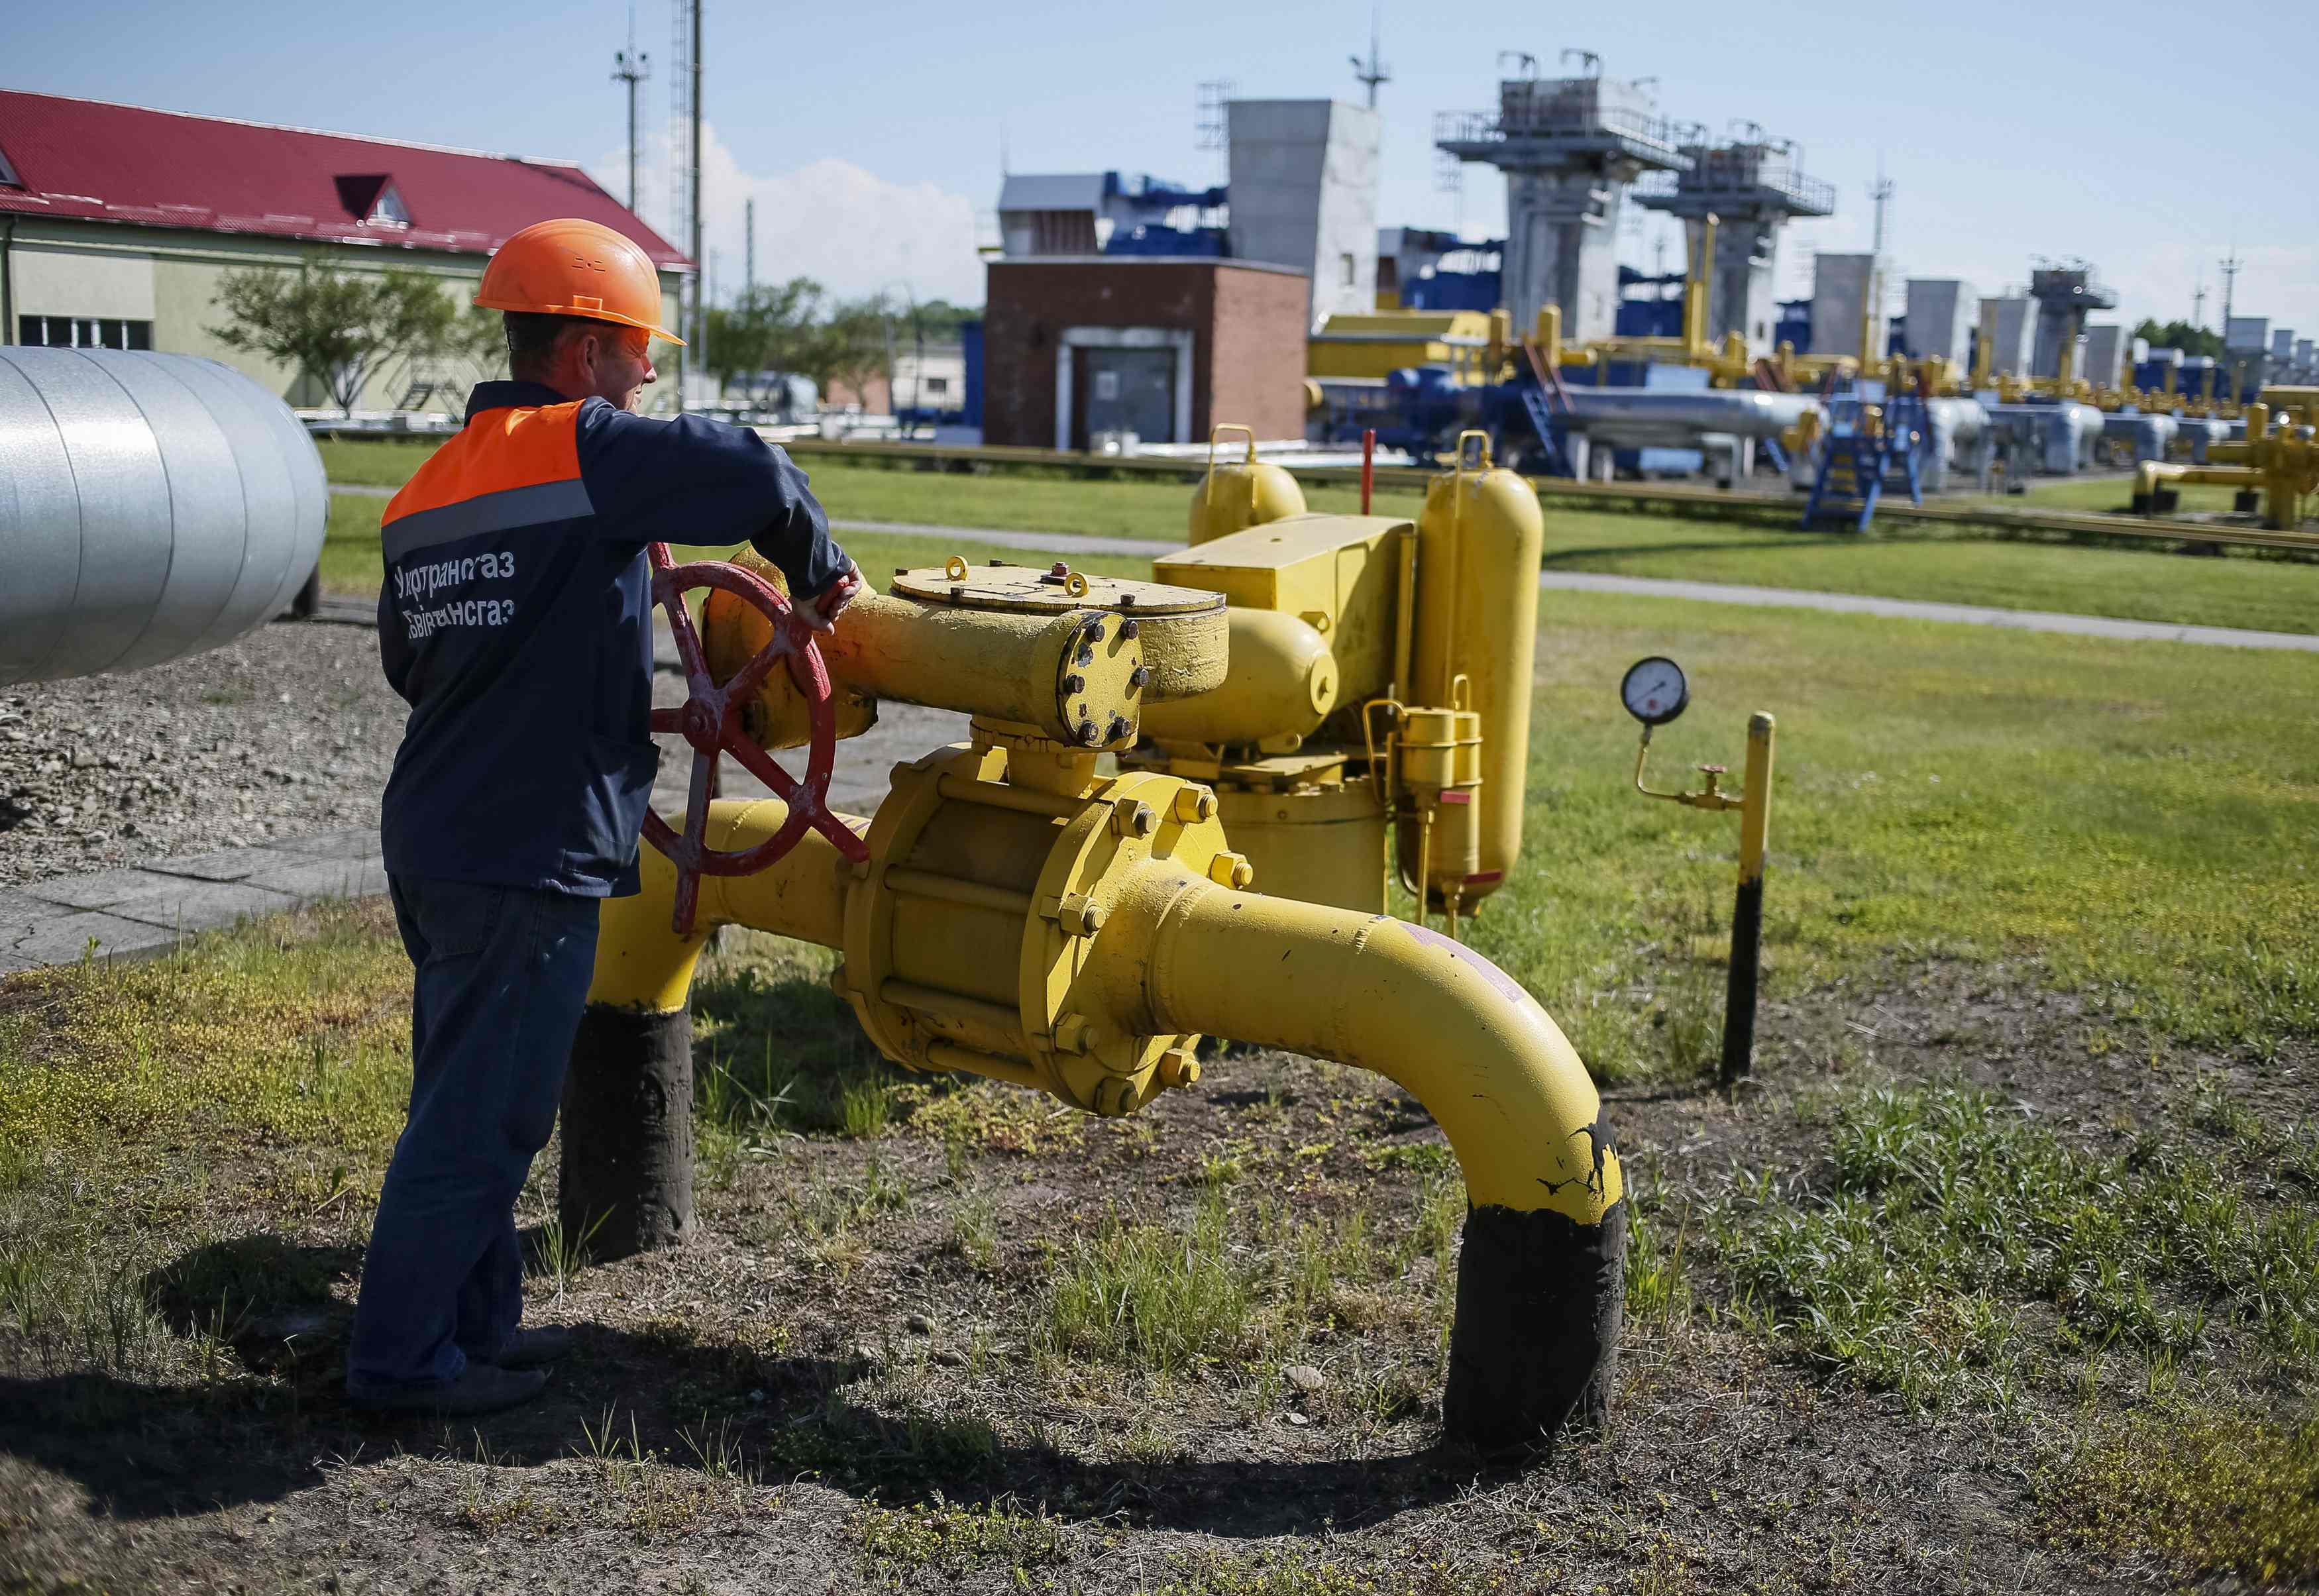 Цены на газ в Европе могут снизиться в 2019 году